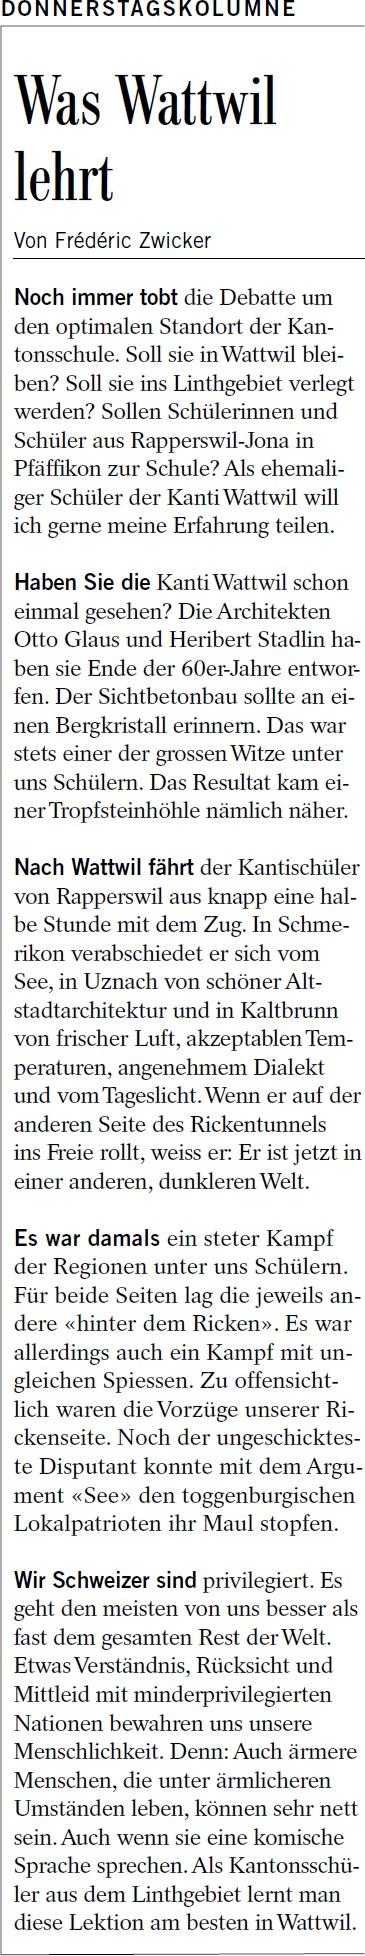 Donnerstagskolumne: Was Wattwil lehrt (Donnerstag, 30.10.2014)